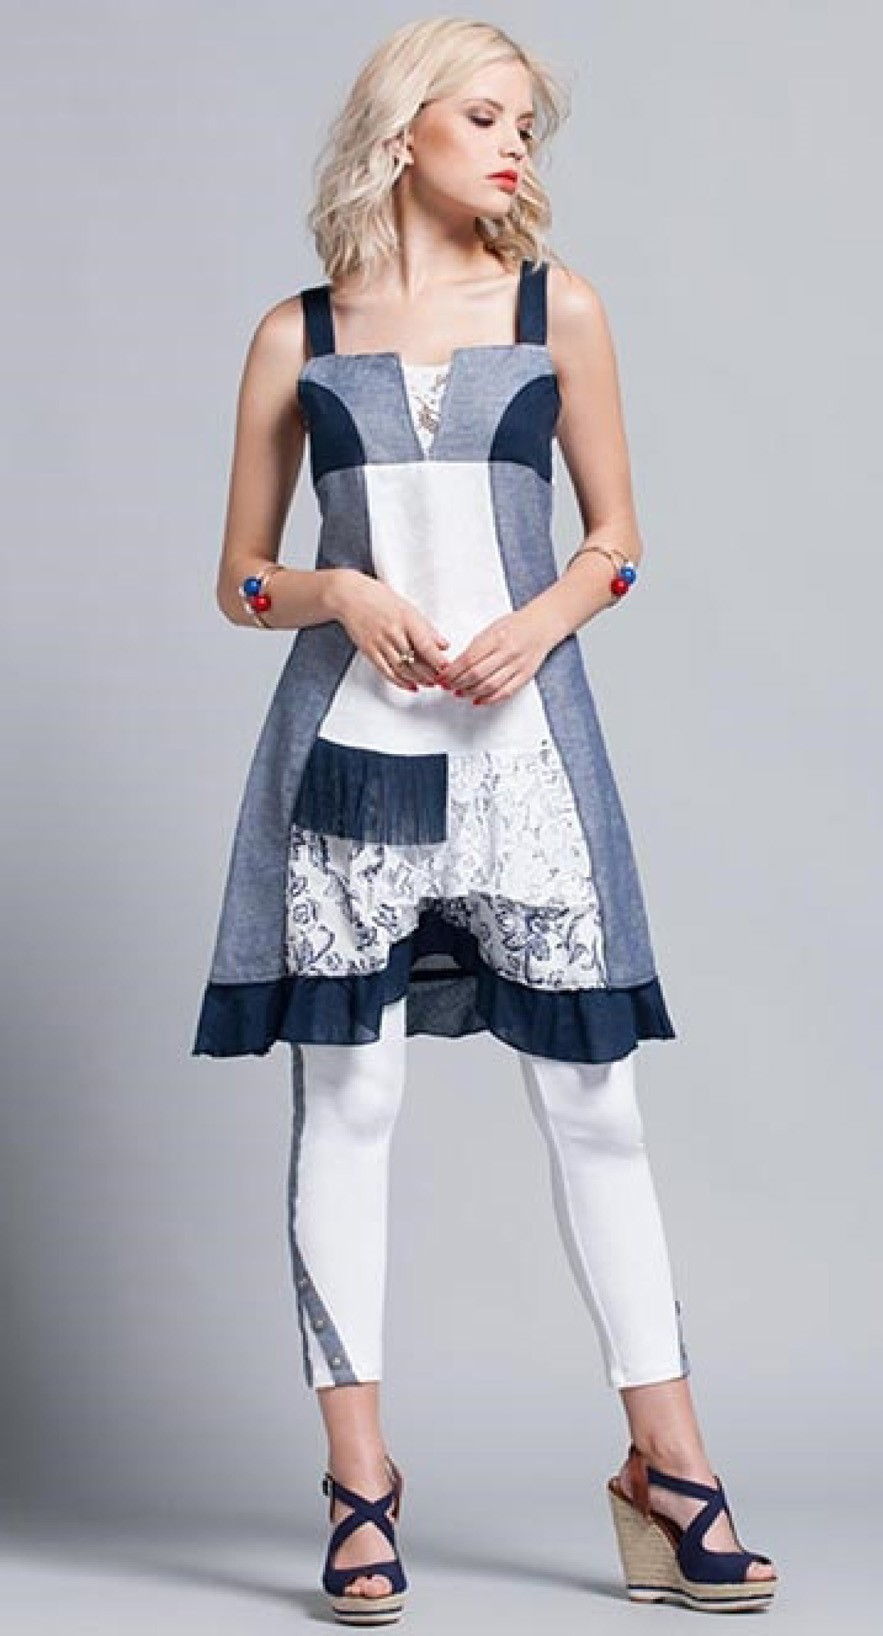 Maloka: Linen Denim Rosette Dress/Tunic (3 Left!) MK_DIEGO_N